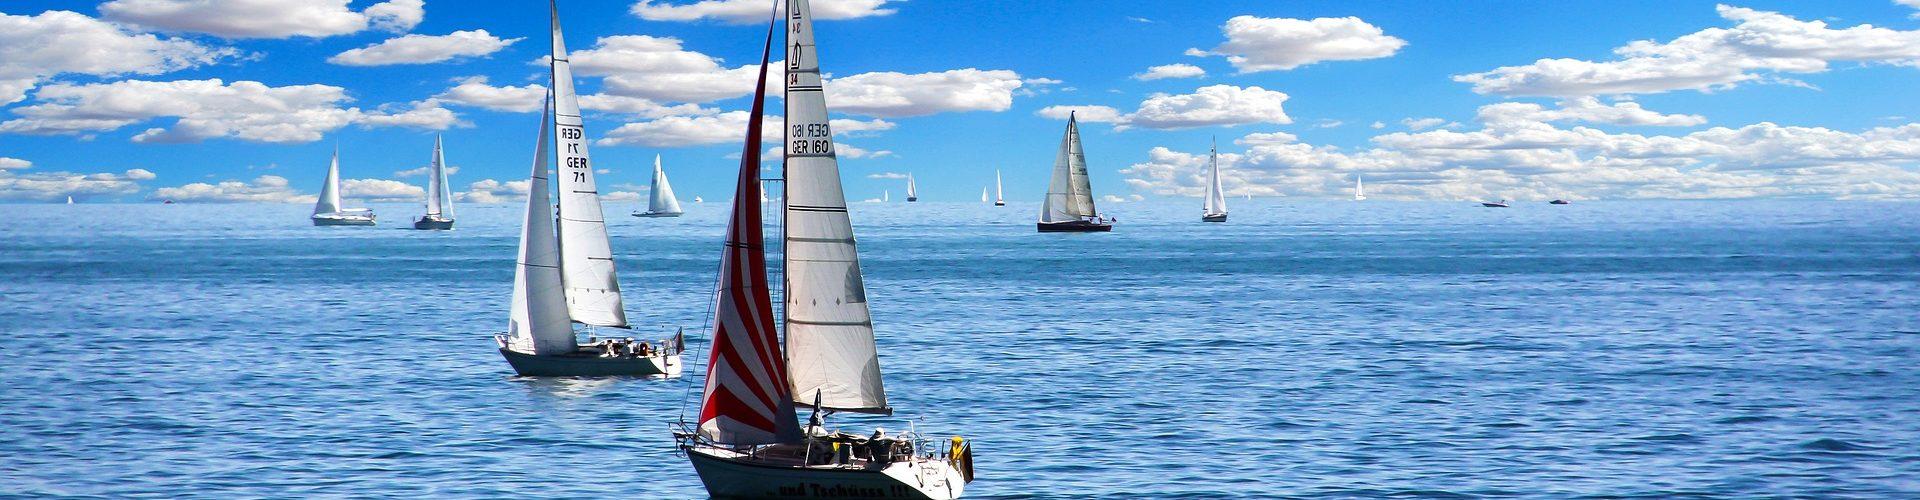 segeln lernen in Au am Rhein segelschein machen in Au am Rhein 1920x500 - Segeln lernen in Au am Rhein